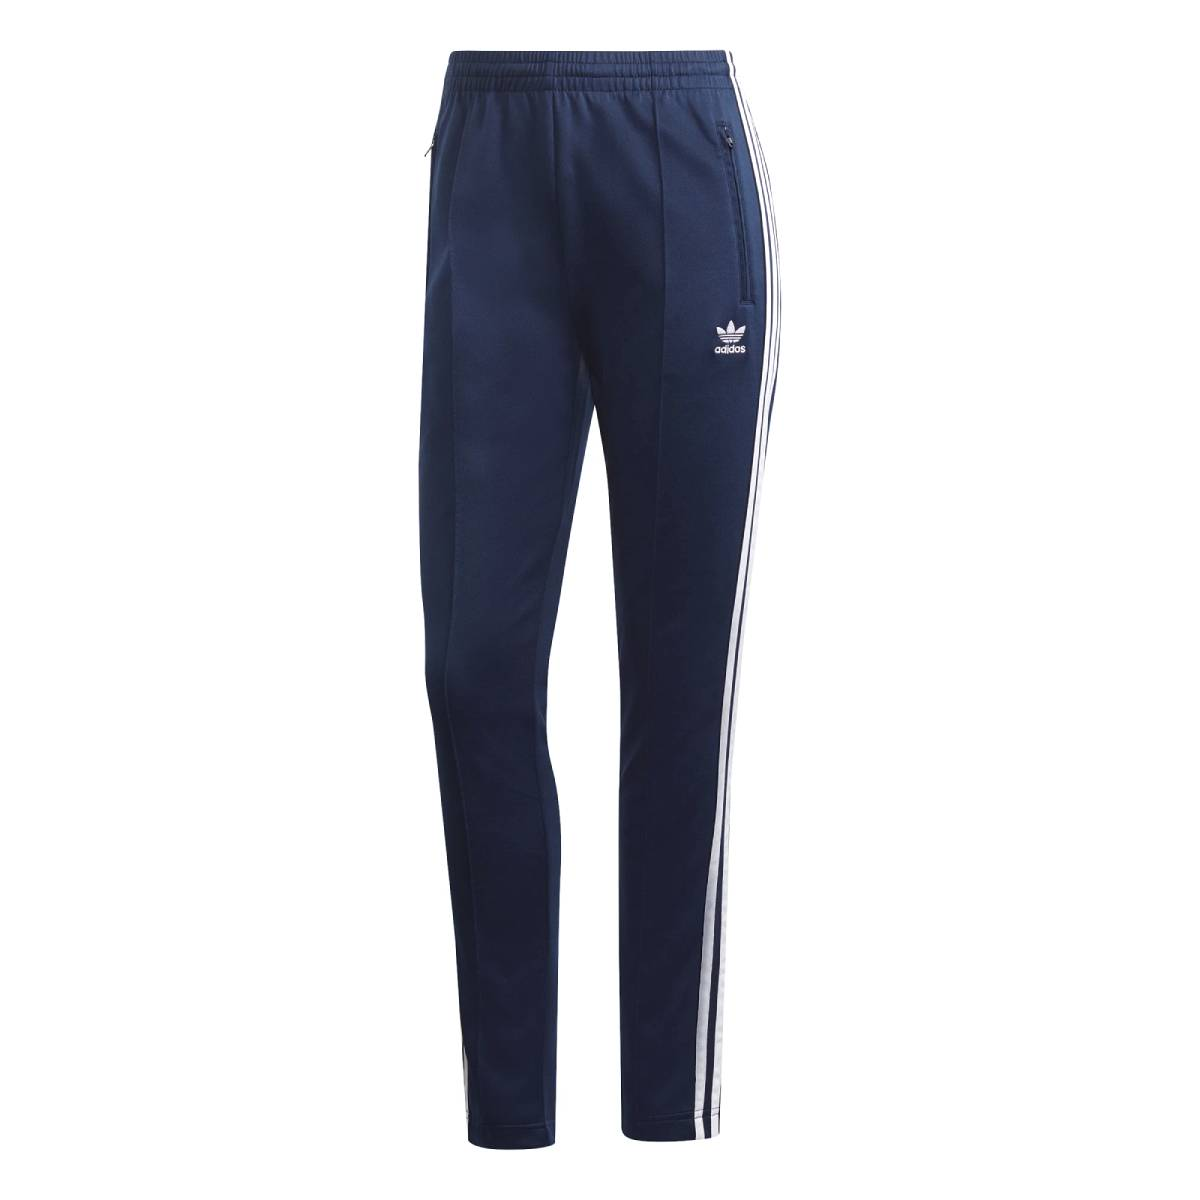 ボトムス, パンツ adidas SST TRACK PANTS PB COLLEGE NAVYWHITE gd2368